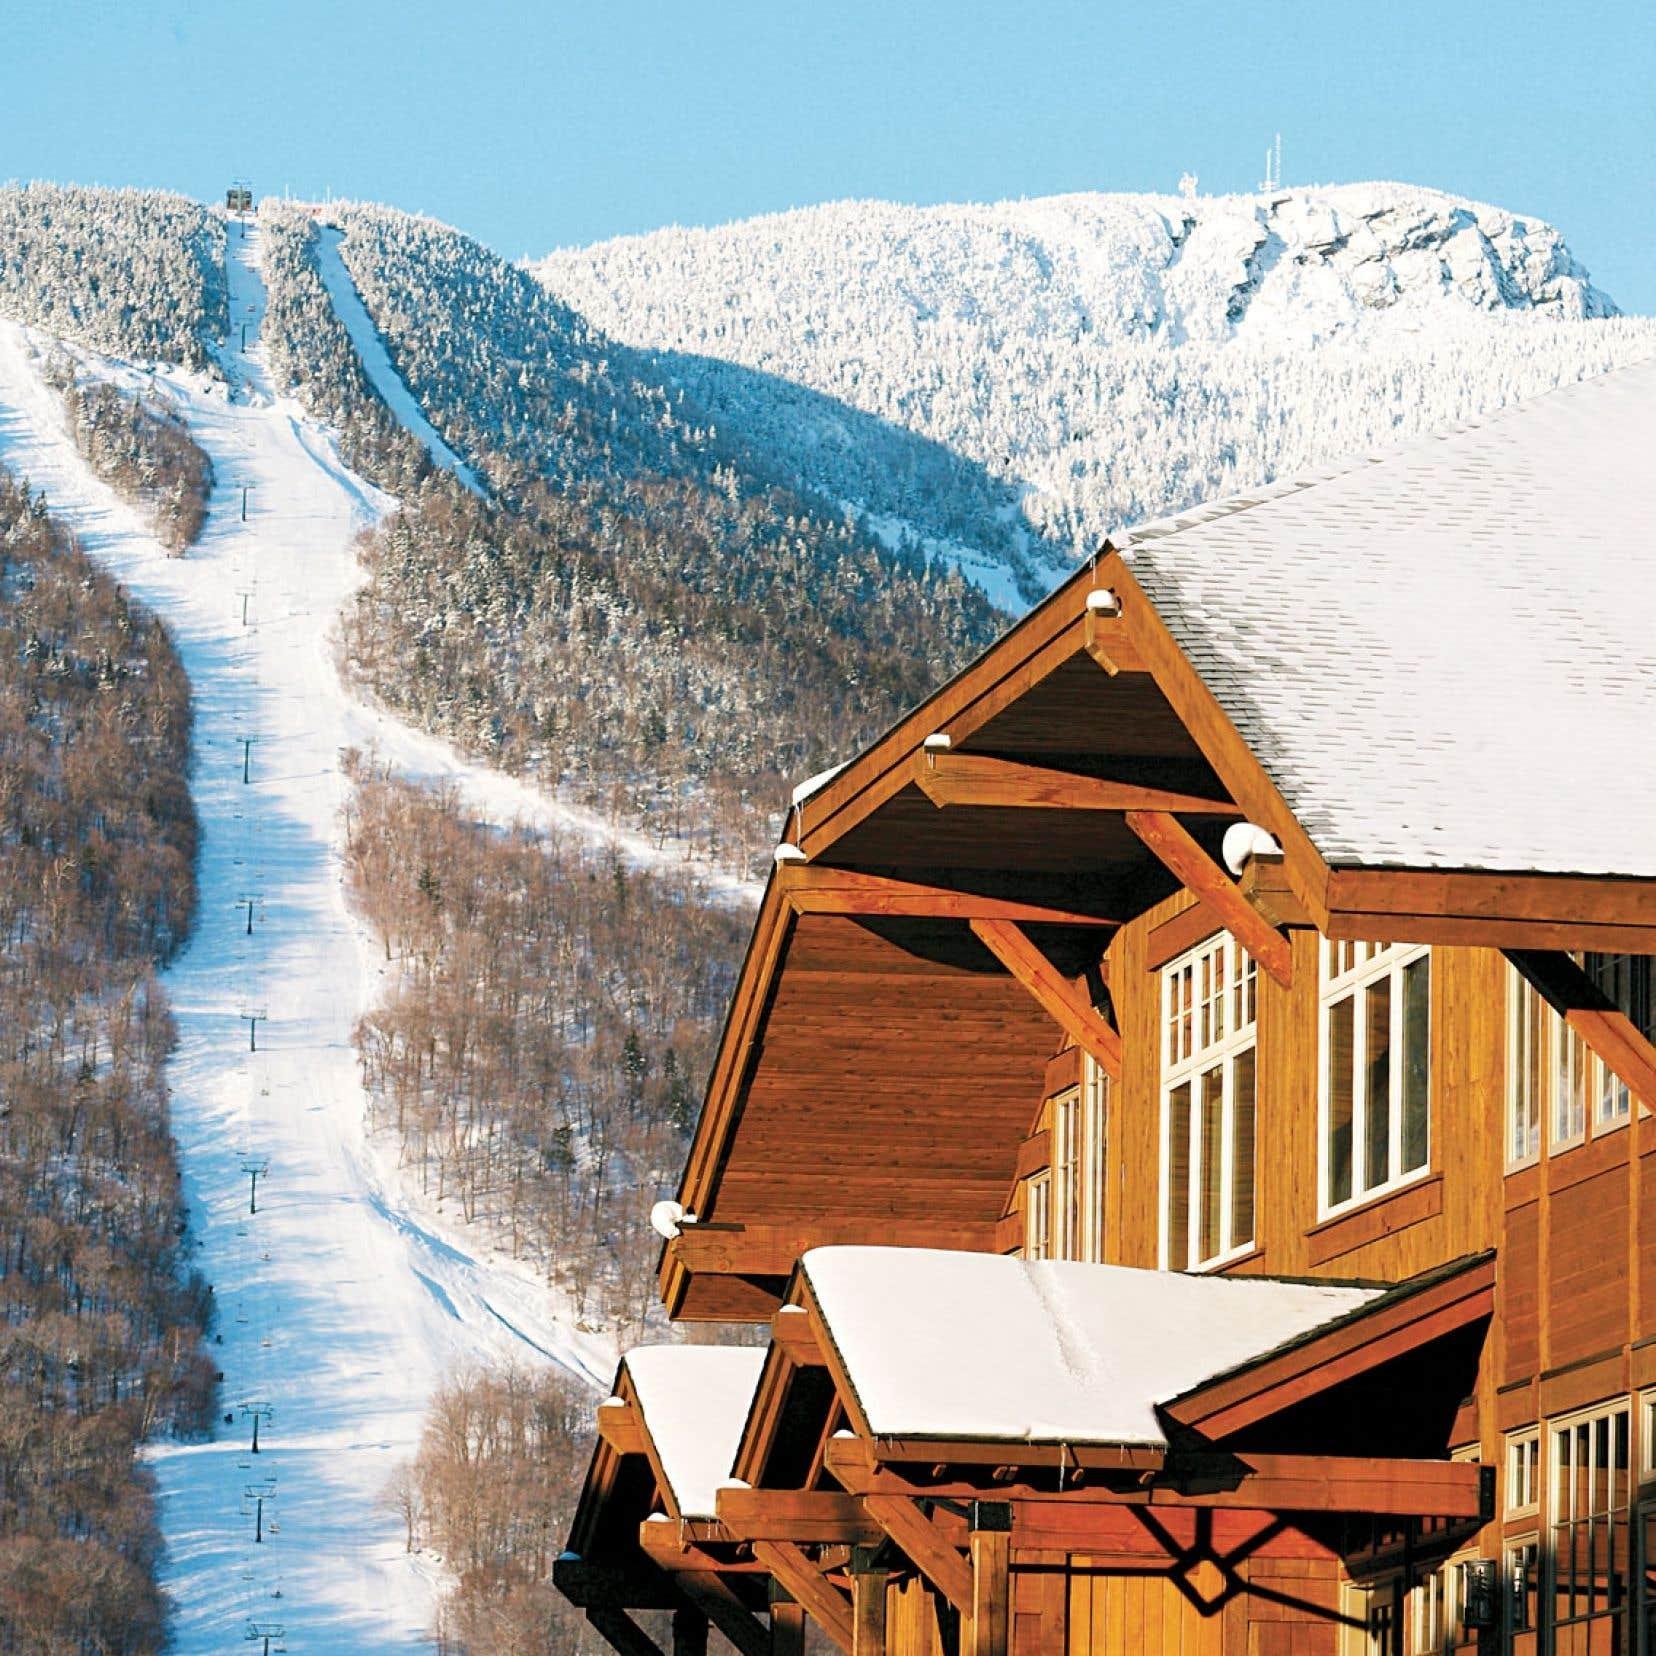 L'hôtel de style alpin Stowe Mountain Lodge est situé tout près des pistes de ski.